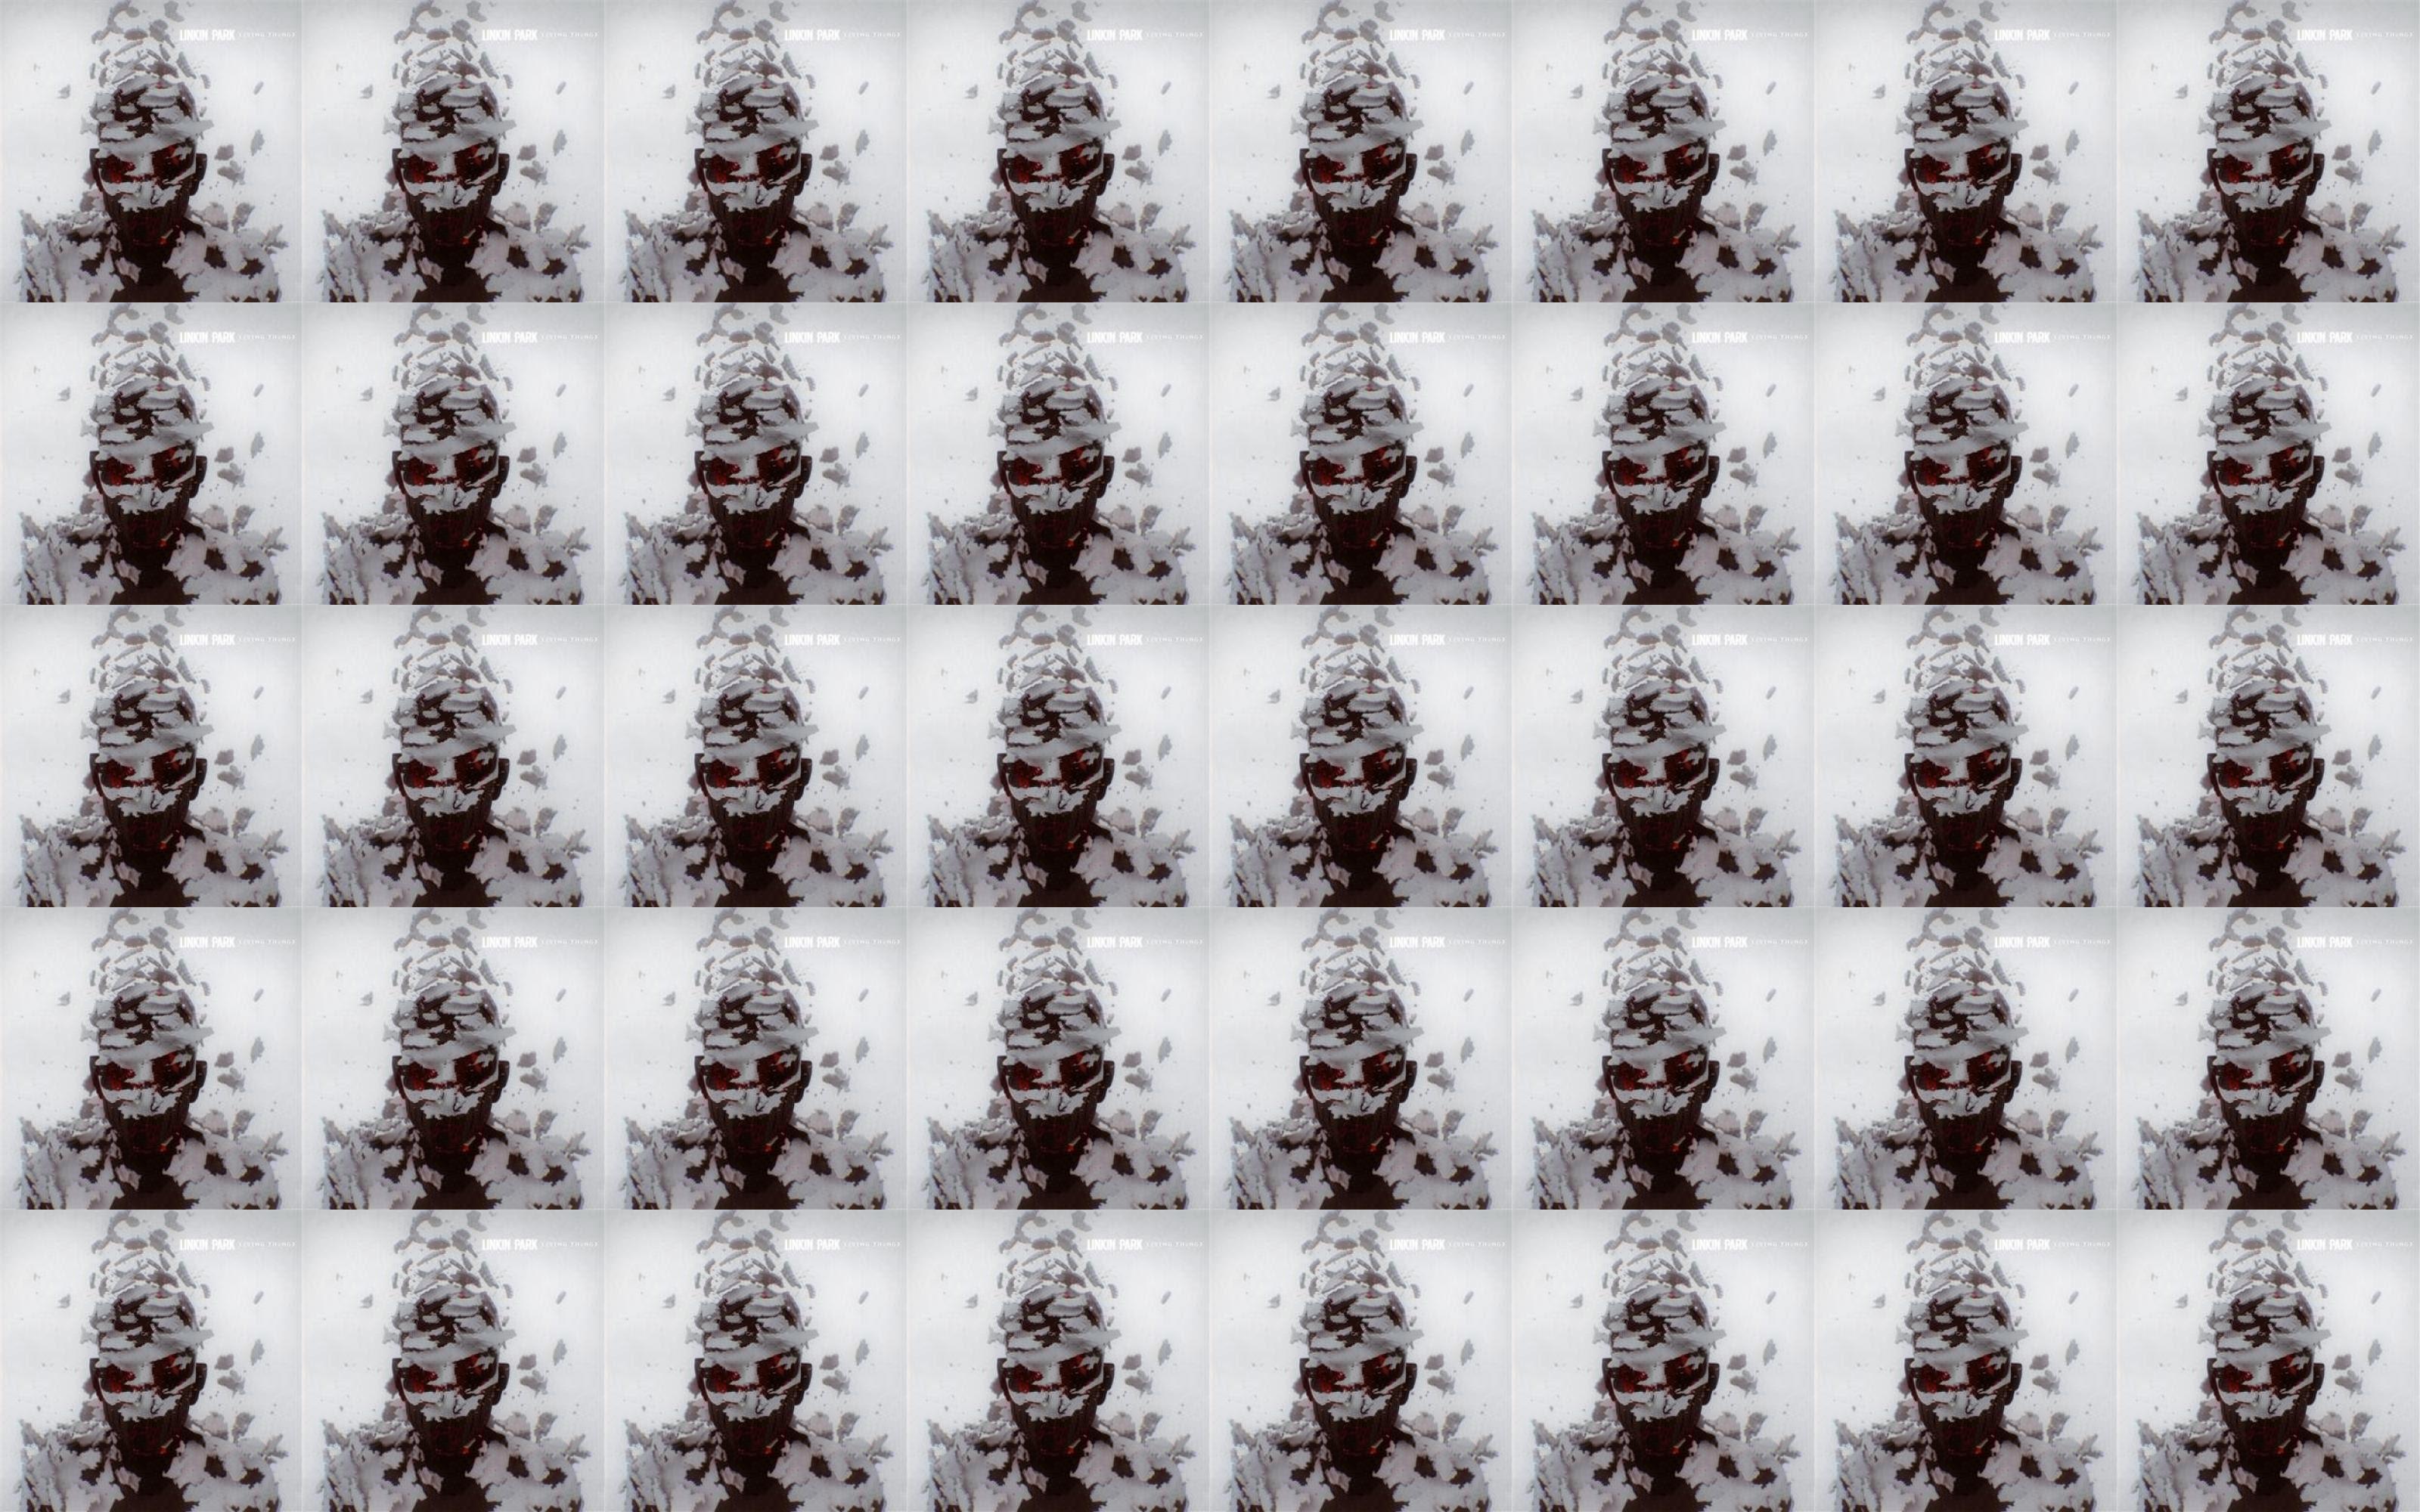 Linkin Park Living Things Wallpaper Tiled Desktop Wallpaper